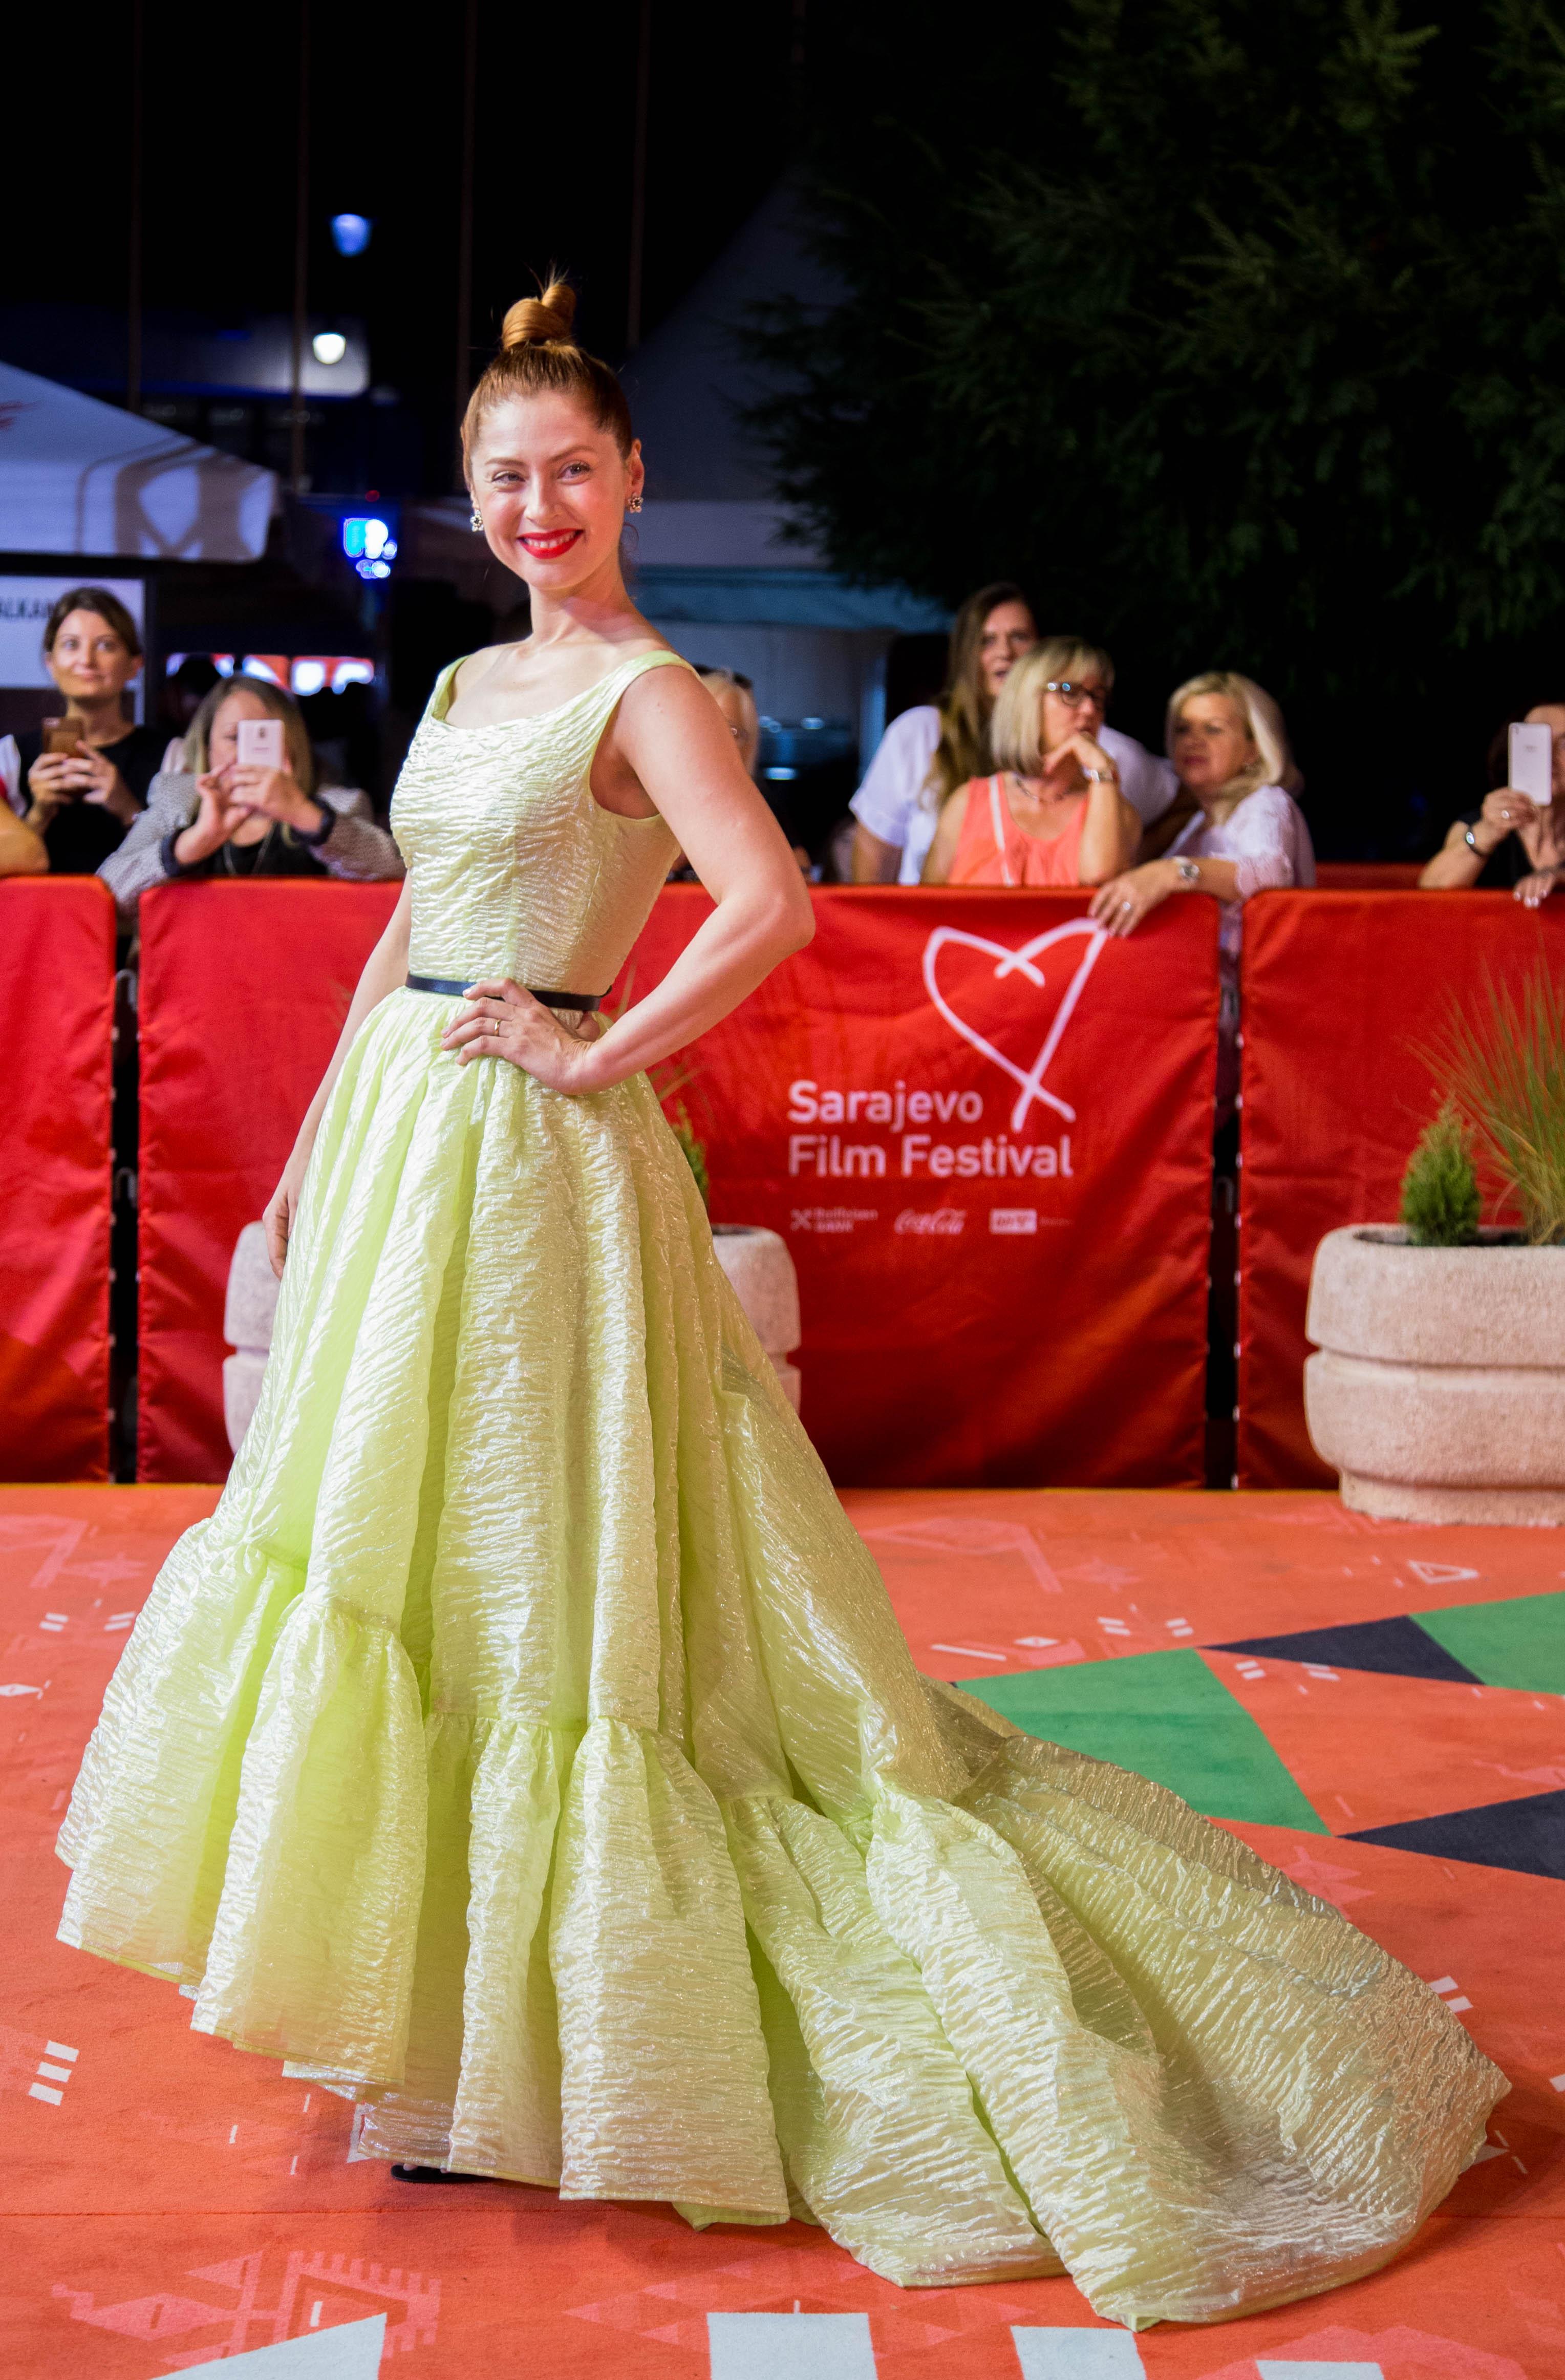 cetvrta noc sarajevo film festival senka catic (46)